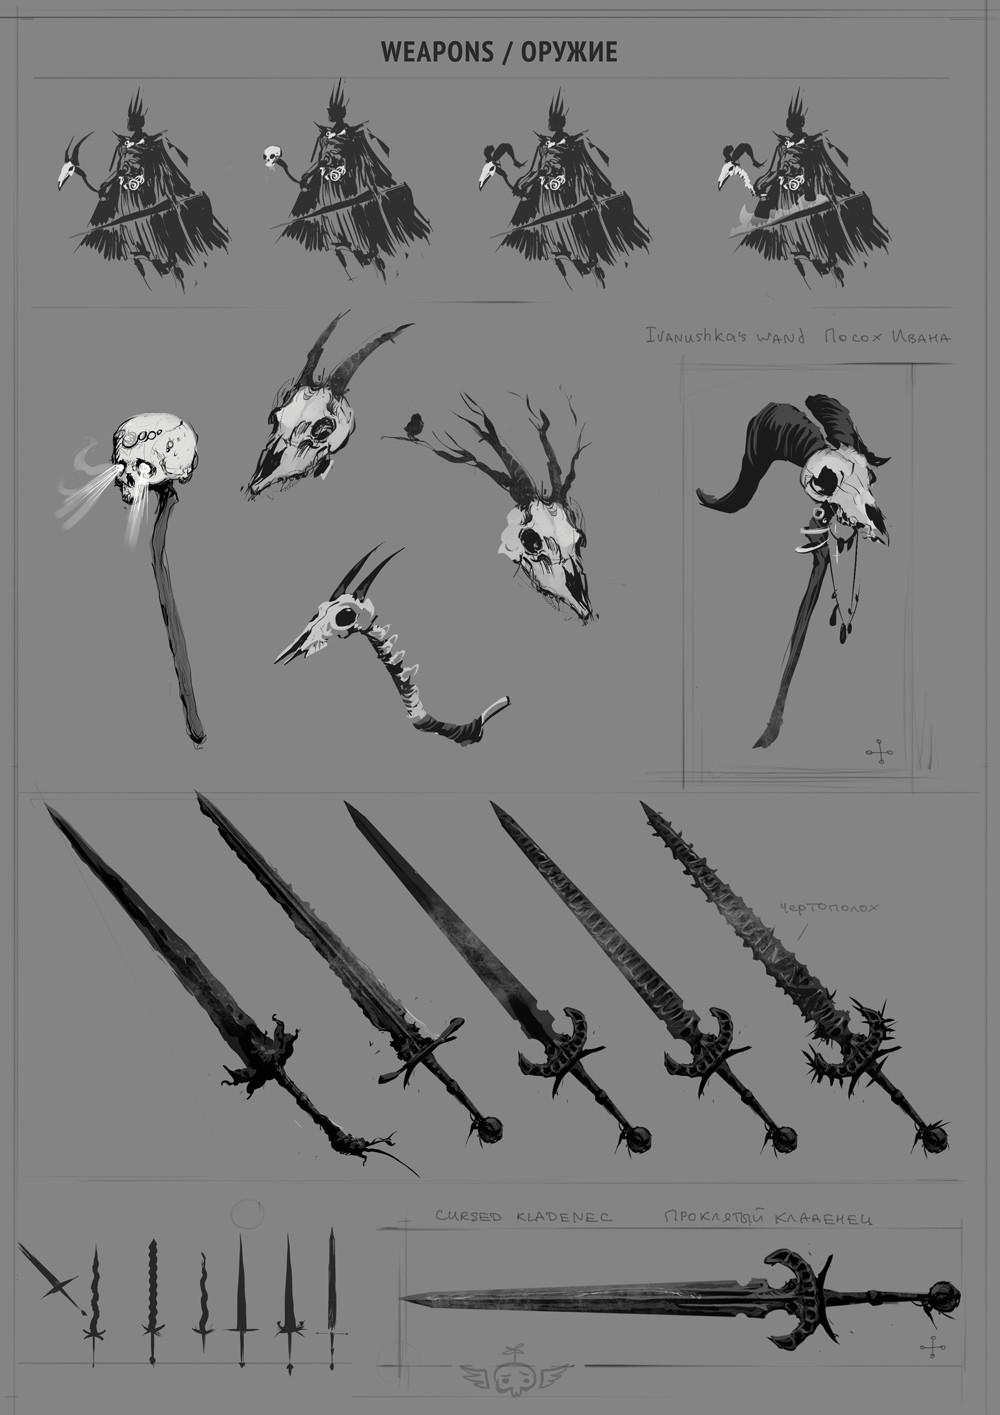 Nikita orlov aw nik weapons